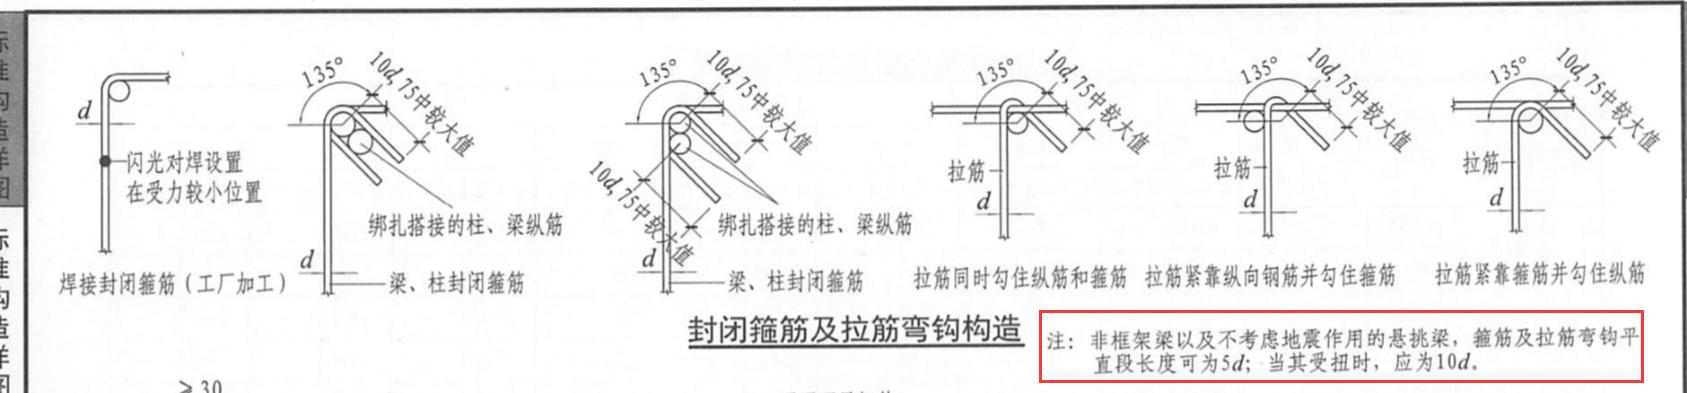 图元抗震和工程抗震的区别?